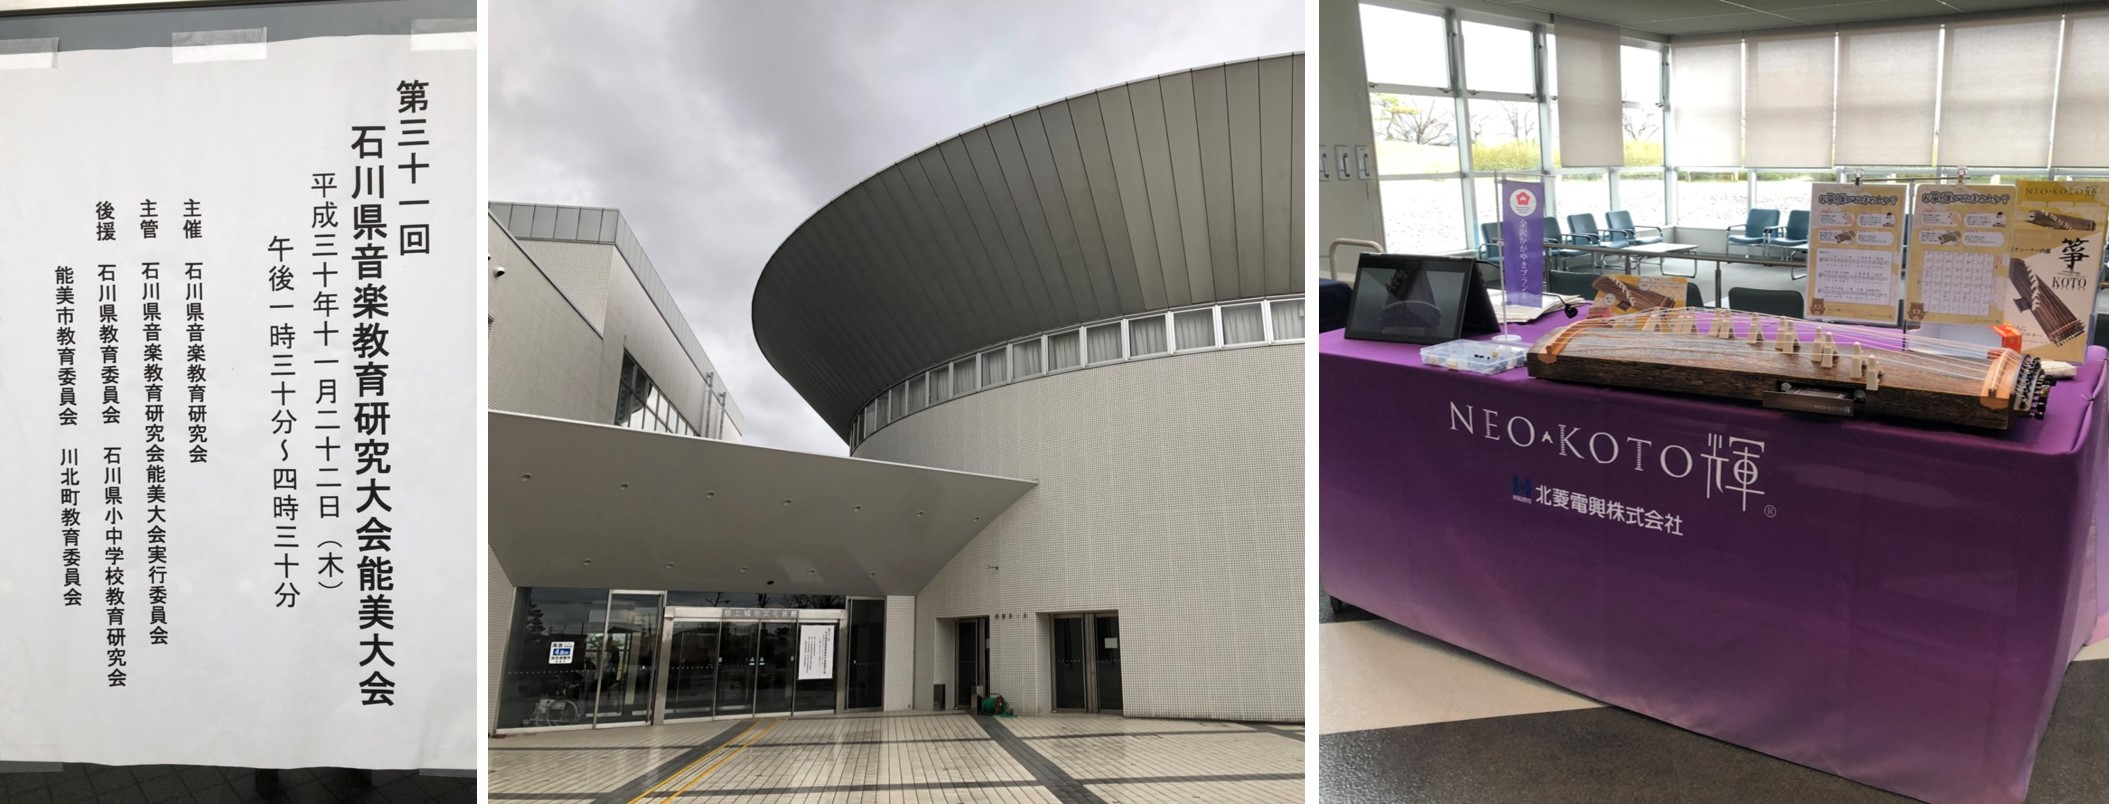 2018年11月22日:第31回石川県音楽教育研究大会 能美大会に出展